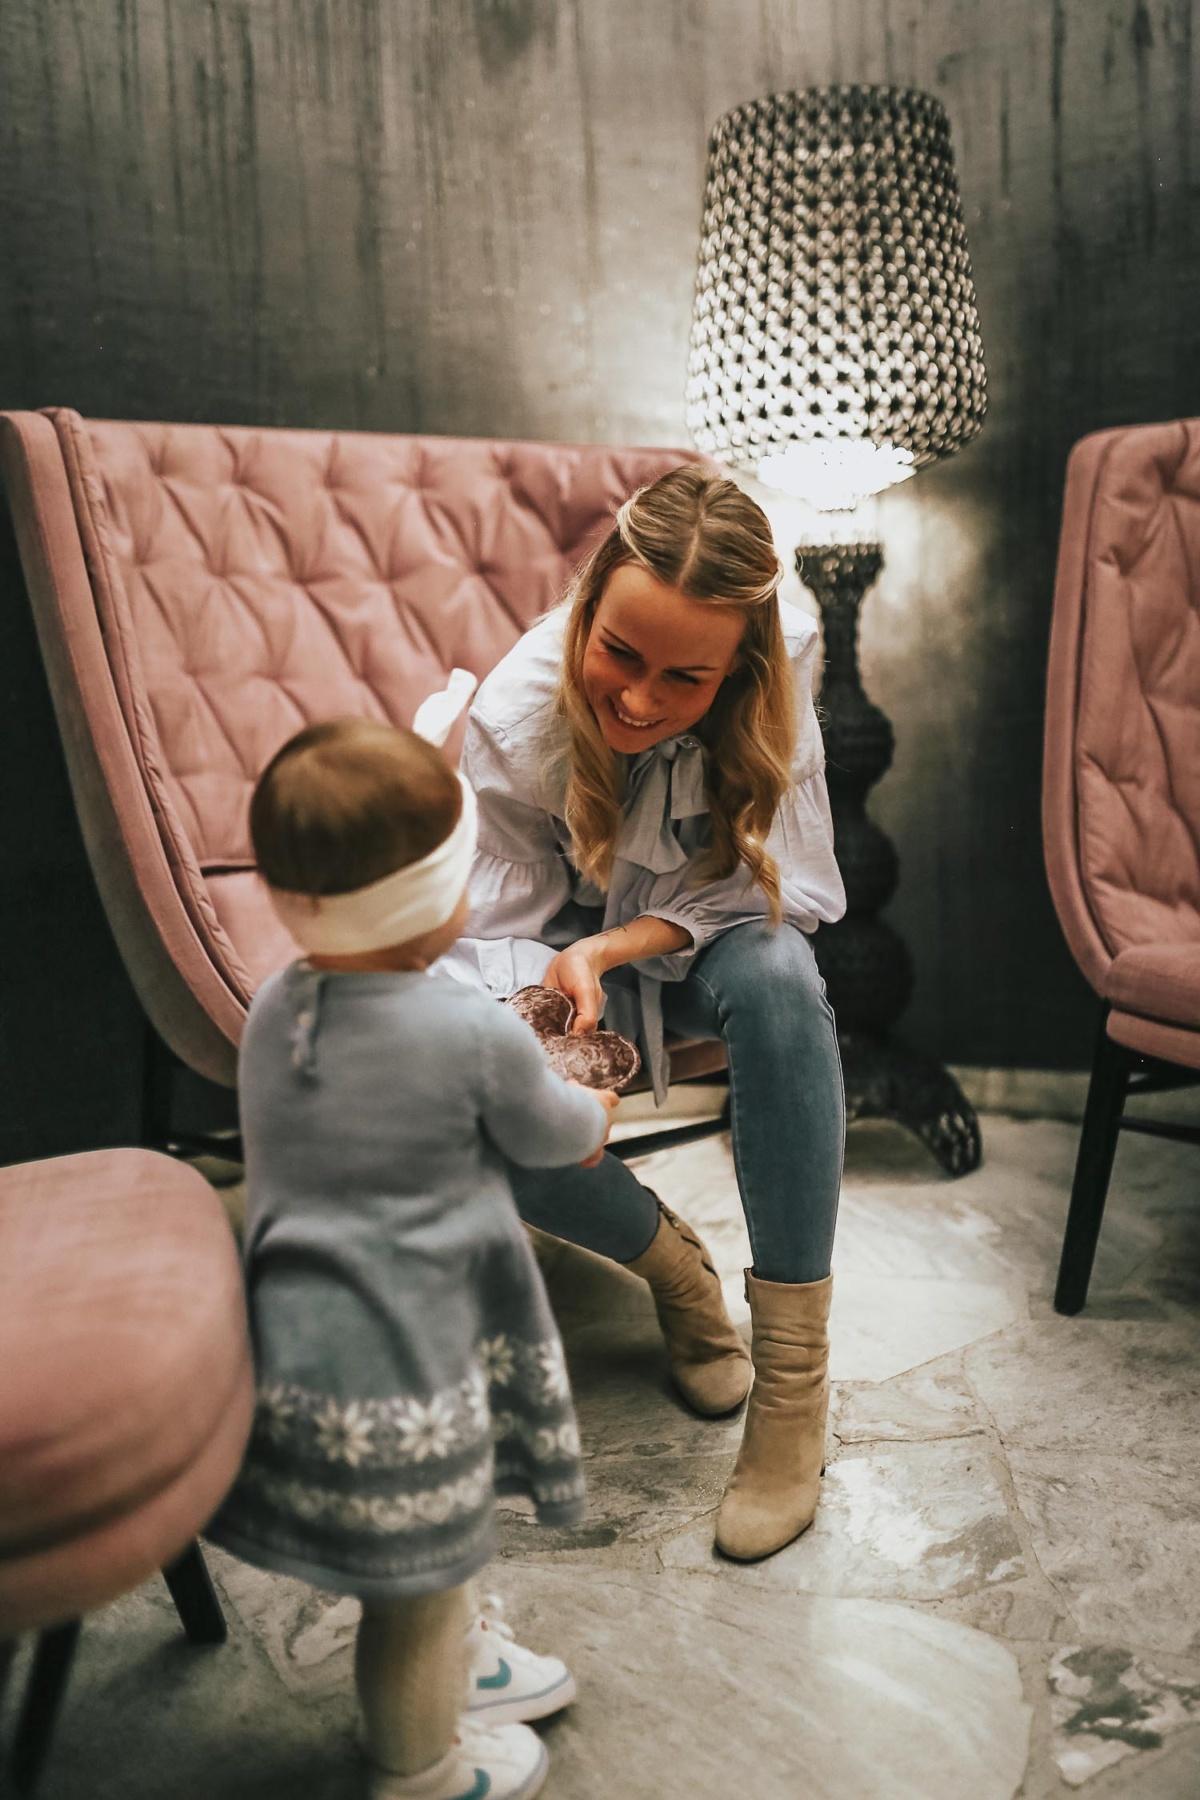 stylingliebe-lifestyleblogger-mamablog-familienblog-muenchen-lifestyleblog-blogger-deutschland-mamablogger-familienblog-bindungsorientierte-erziehung-vertraue-auf-dich-4